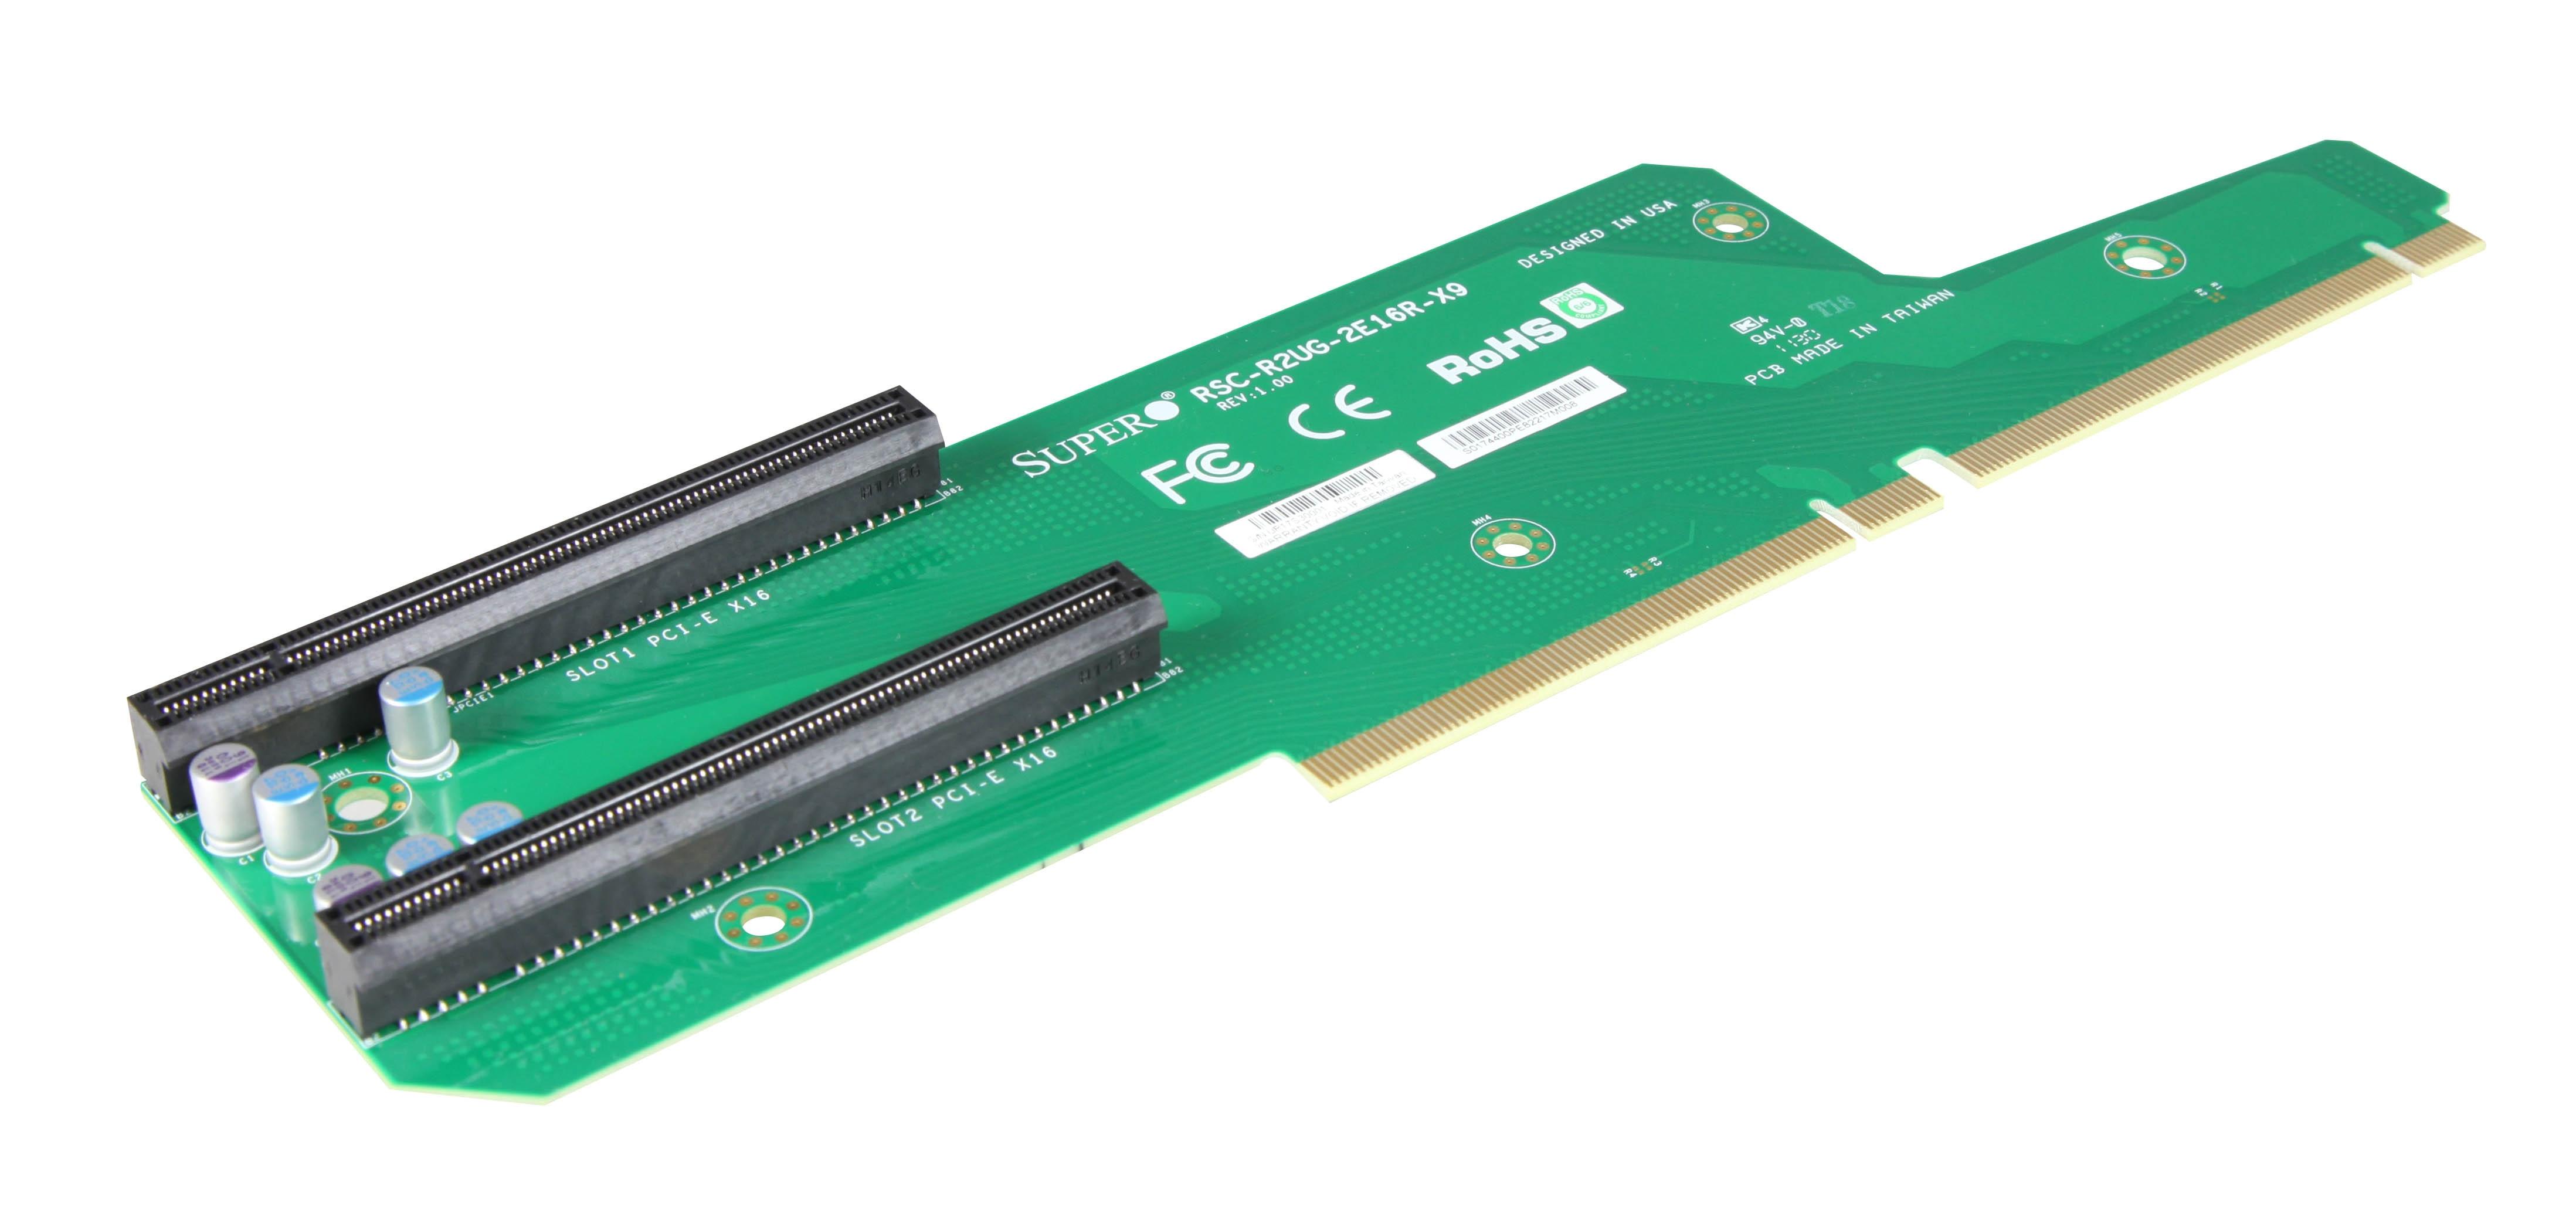 Zdjecie - RSC-R2UG-2E16R-X9 - Supermicro